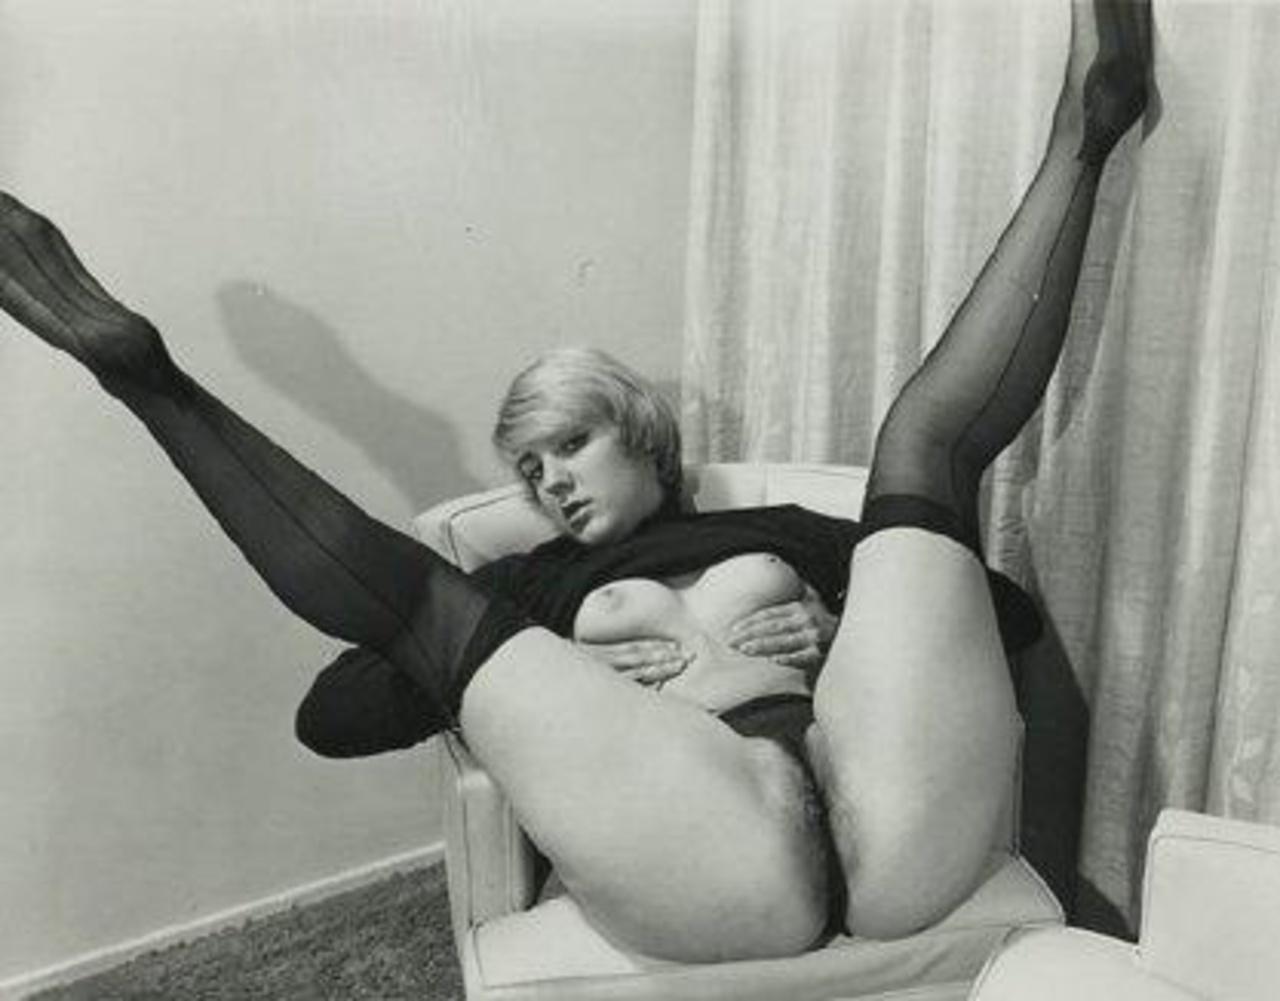 Ретро фотографии эро, Ретро эротика голых девушки и женщины - смотреть 7 фотография